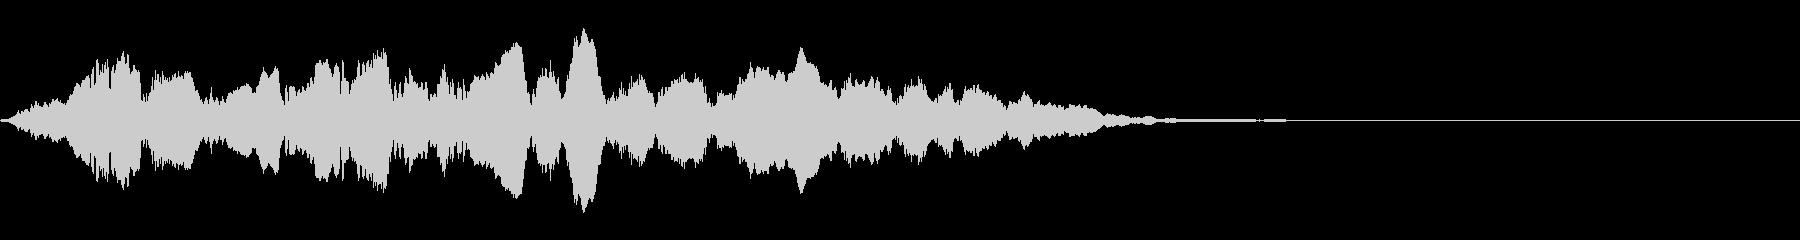 バイオリンのフレーズ08【悲しみ/憂い】の未再生の波形